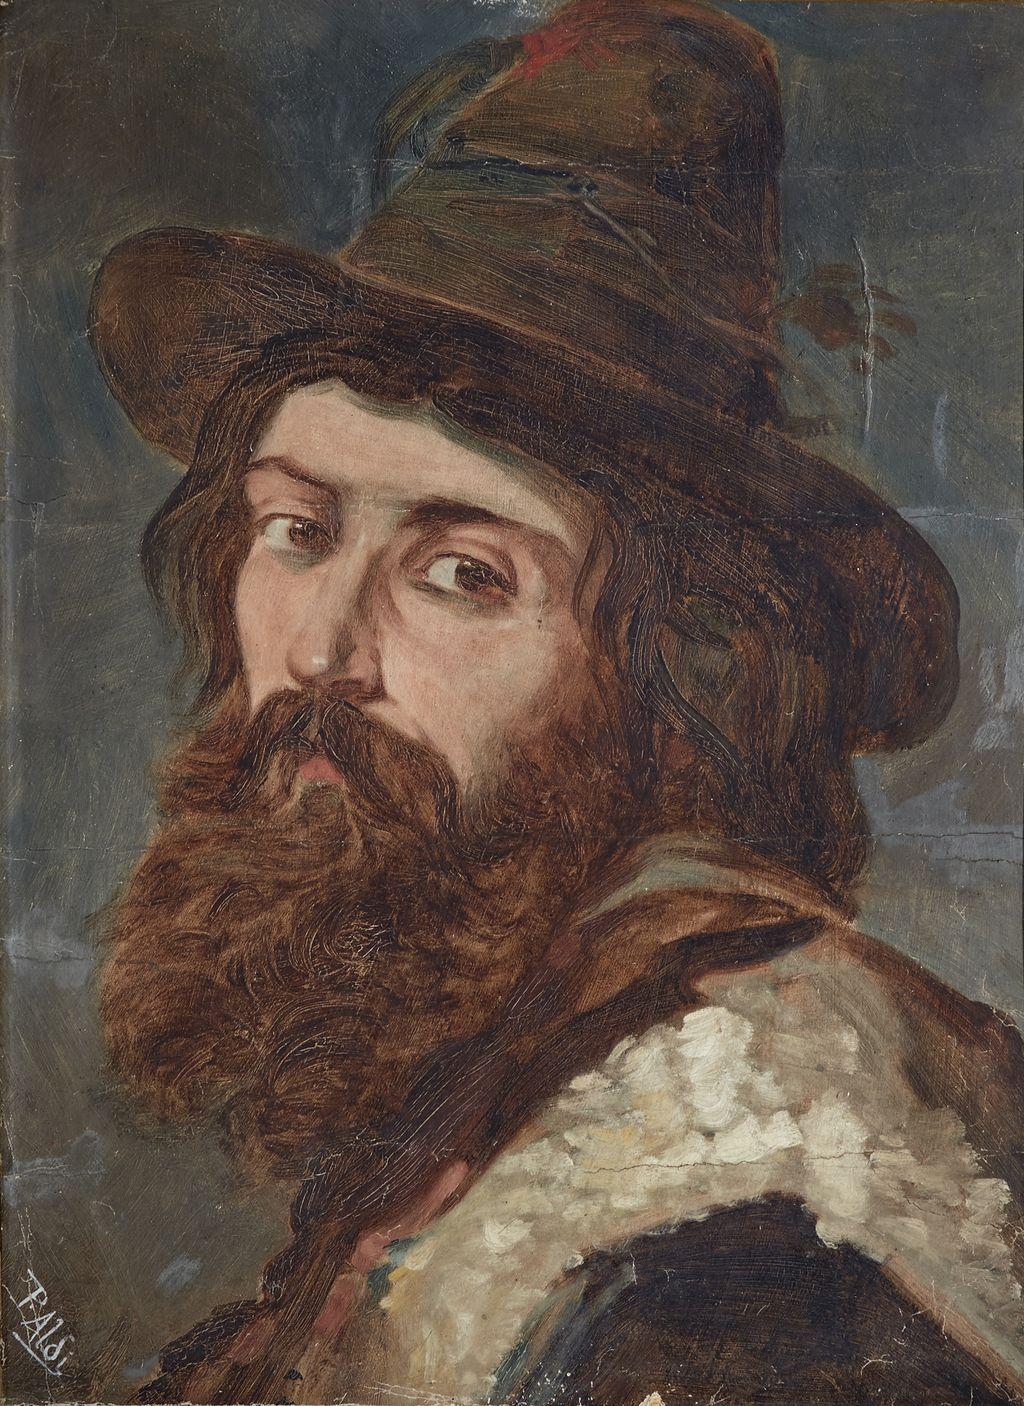 Ritratto di buttero, ritratto di mandriano (dipinto) di Aldi Pietro (sec. XIX)